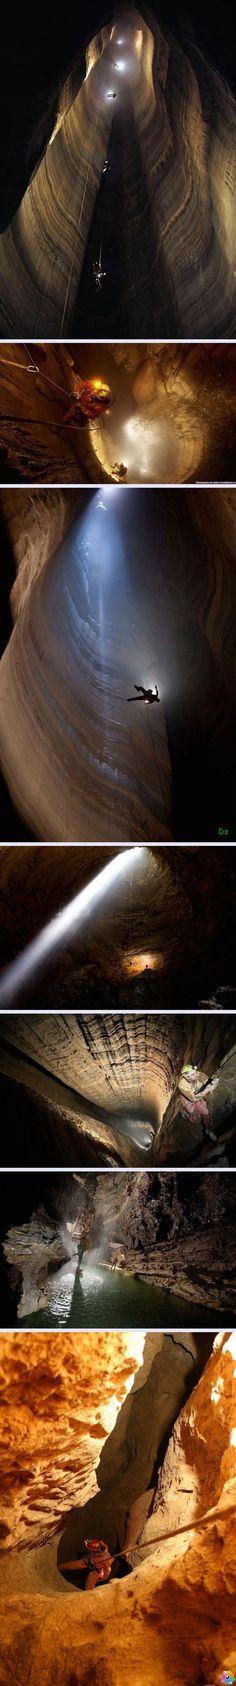 Dünyanın En Derin Mağarası Krubera - 1.3 Mil